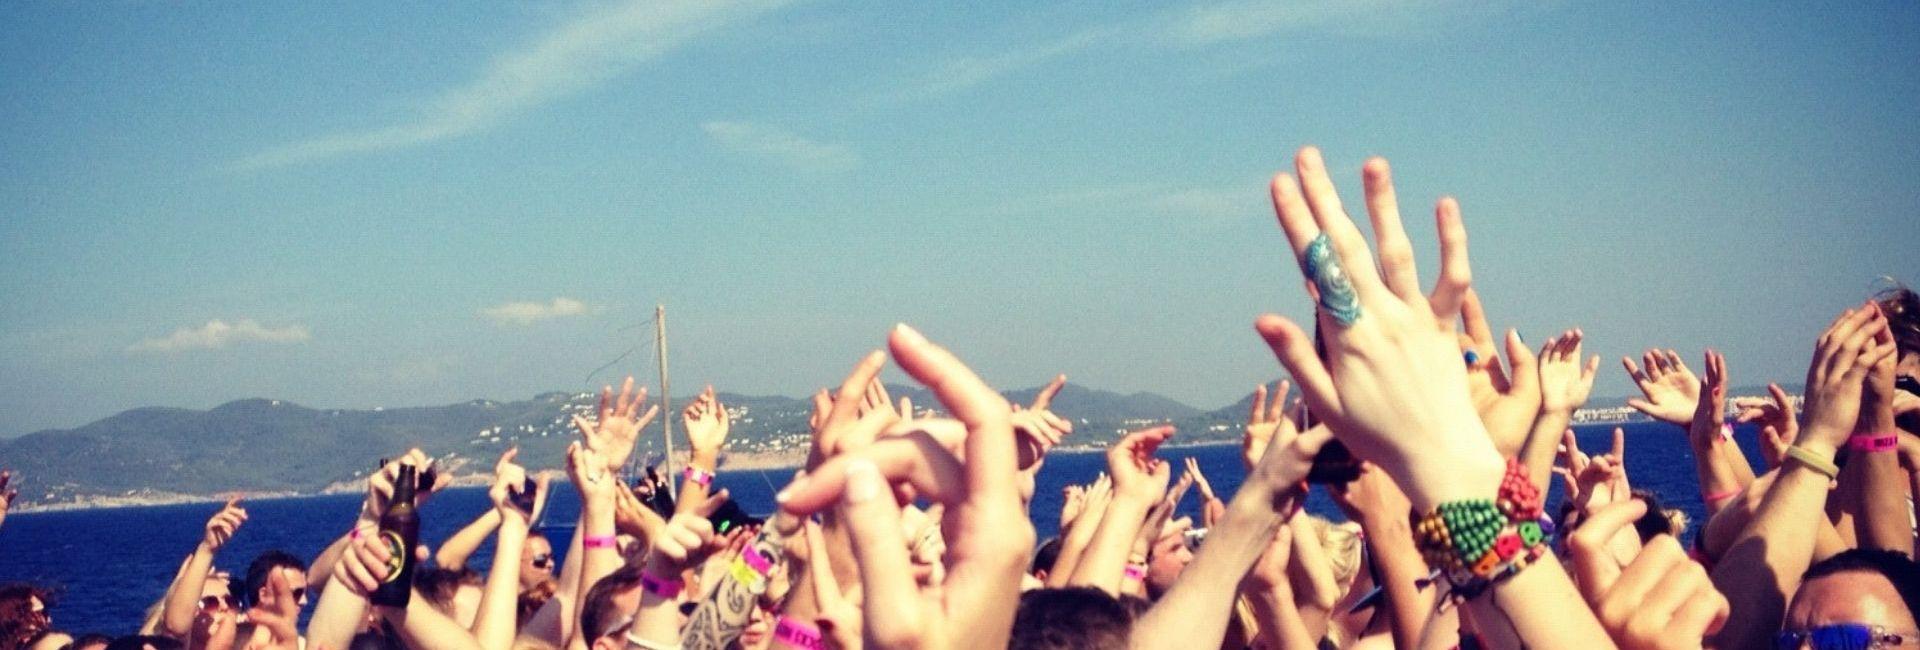 Ibiza_Rocks_the_Boat_Ibizaboatcruises-